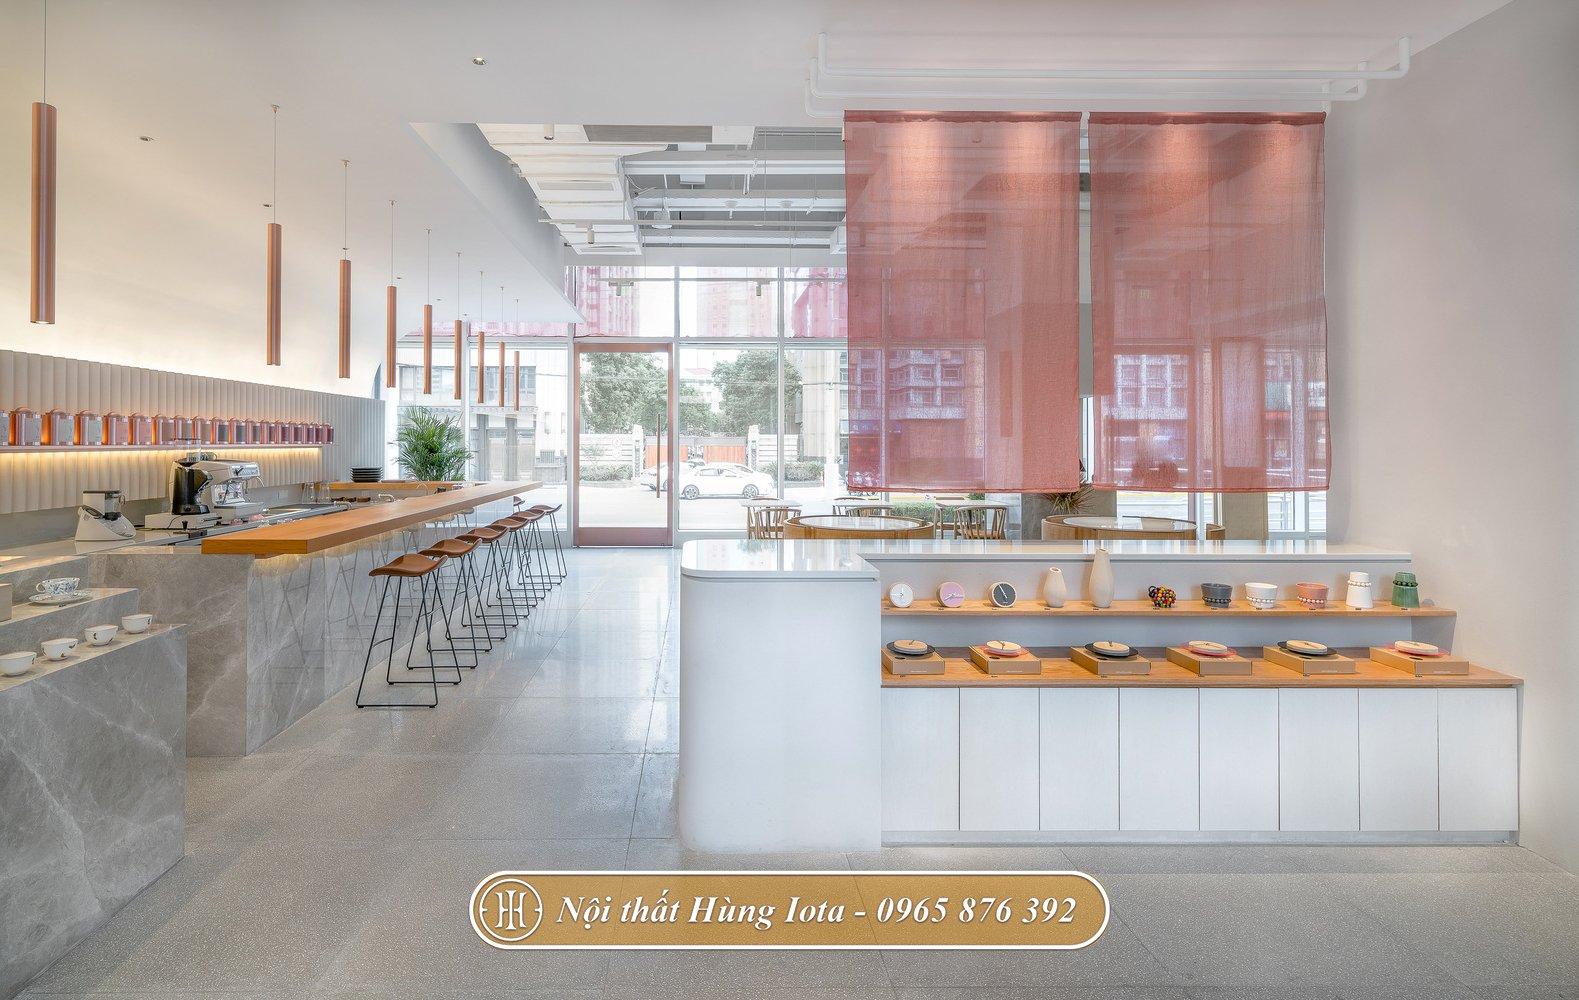 Thiết kế nội thất của hàng cafe hay trà sữa